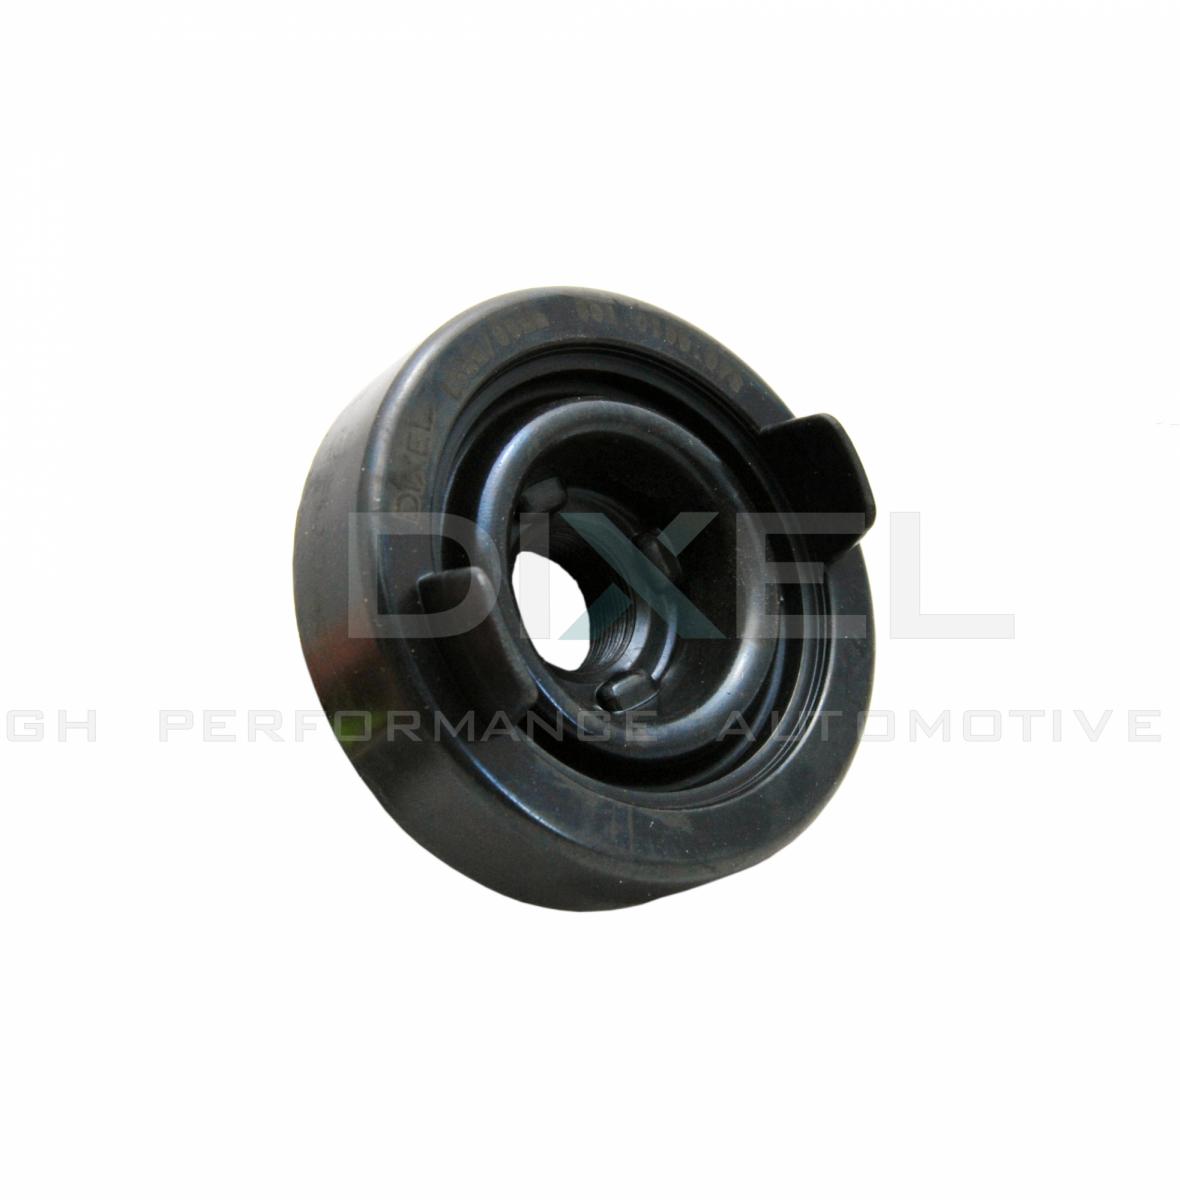 Универсальная крышка для фары H4 диаметр 85 мм, высота 85 мм